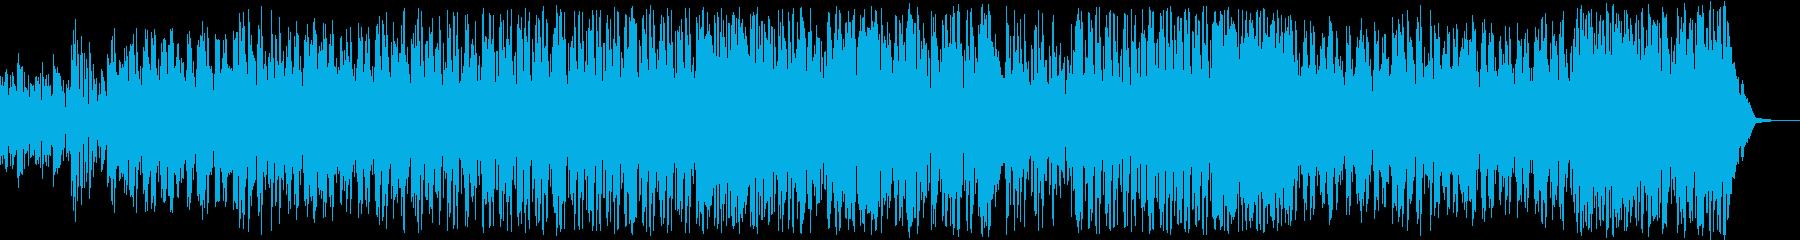 繰り広げられるバトルシーンのBGMの再生済みの波形